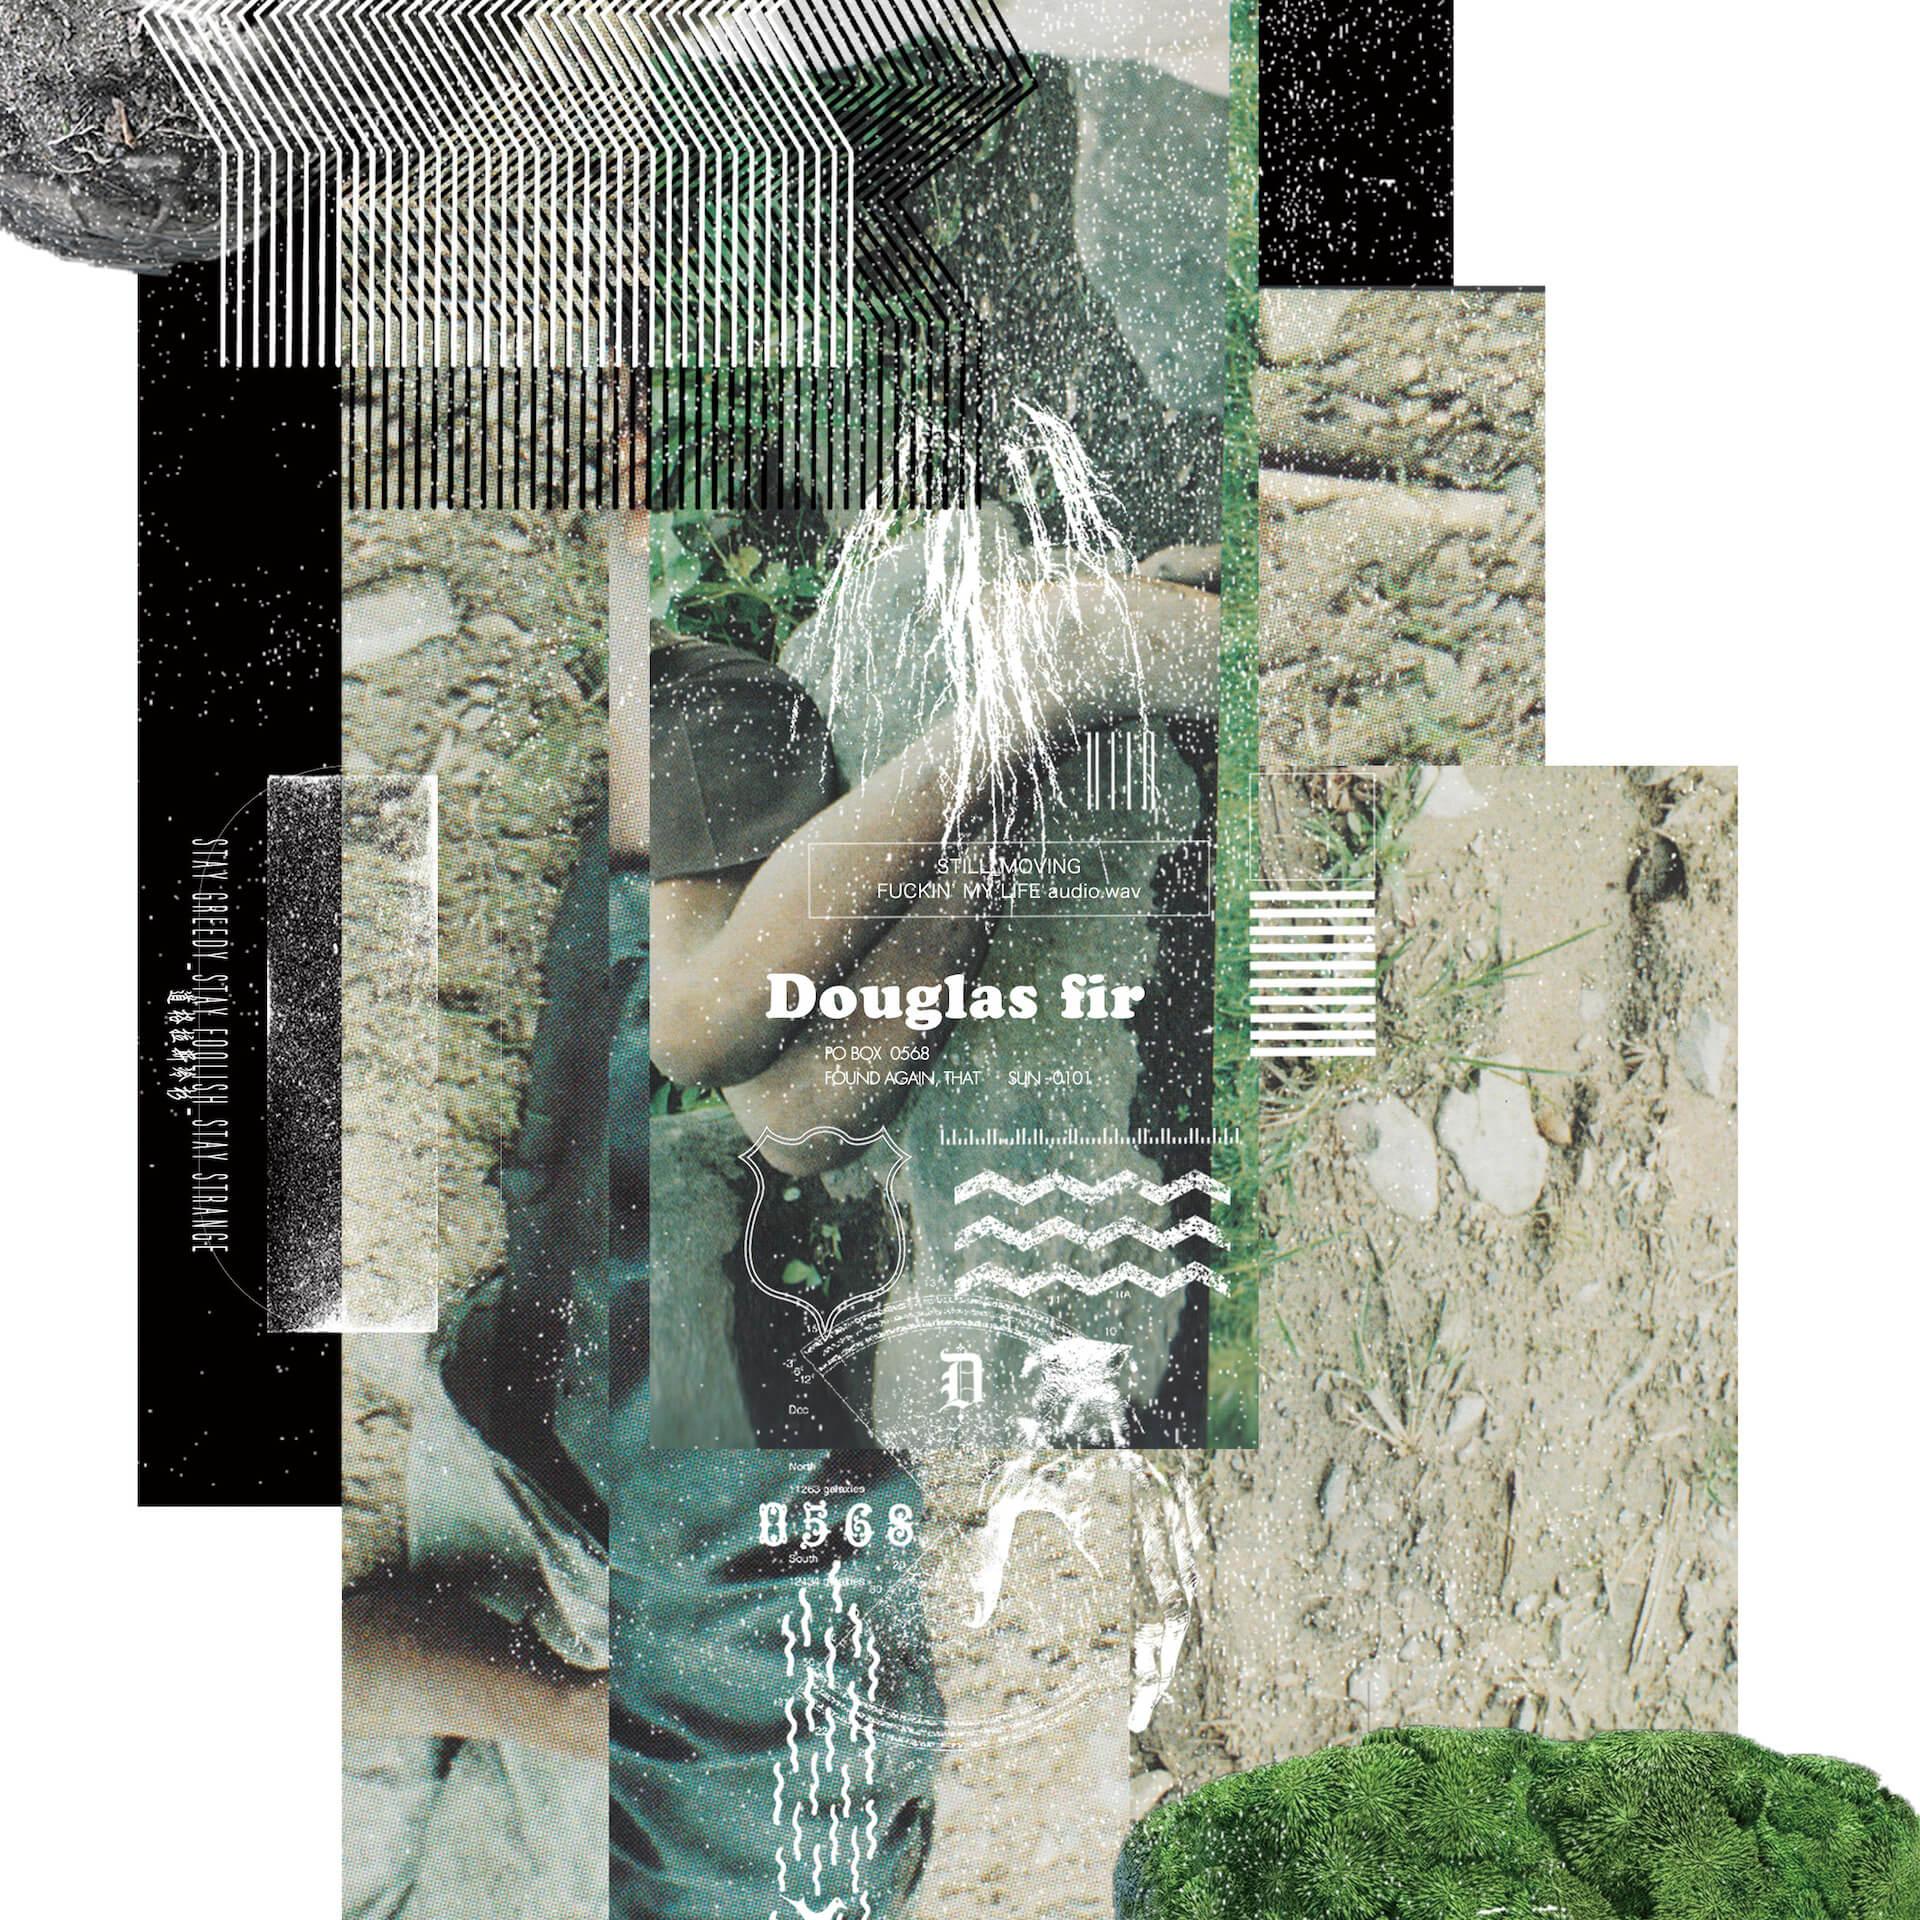 Campanellaによる話題の新曲「Douglas fir」が待望の7インチ・アナログ化|プロデュースはRamza、坂本龍一をサンプリング music191003-campanella-2